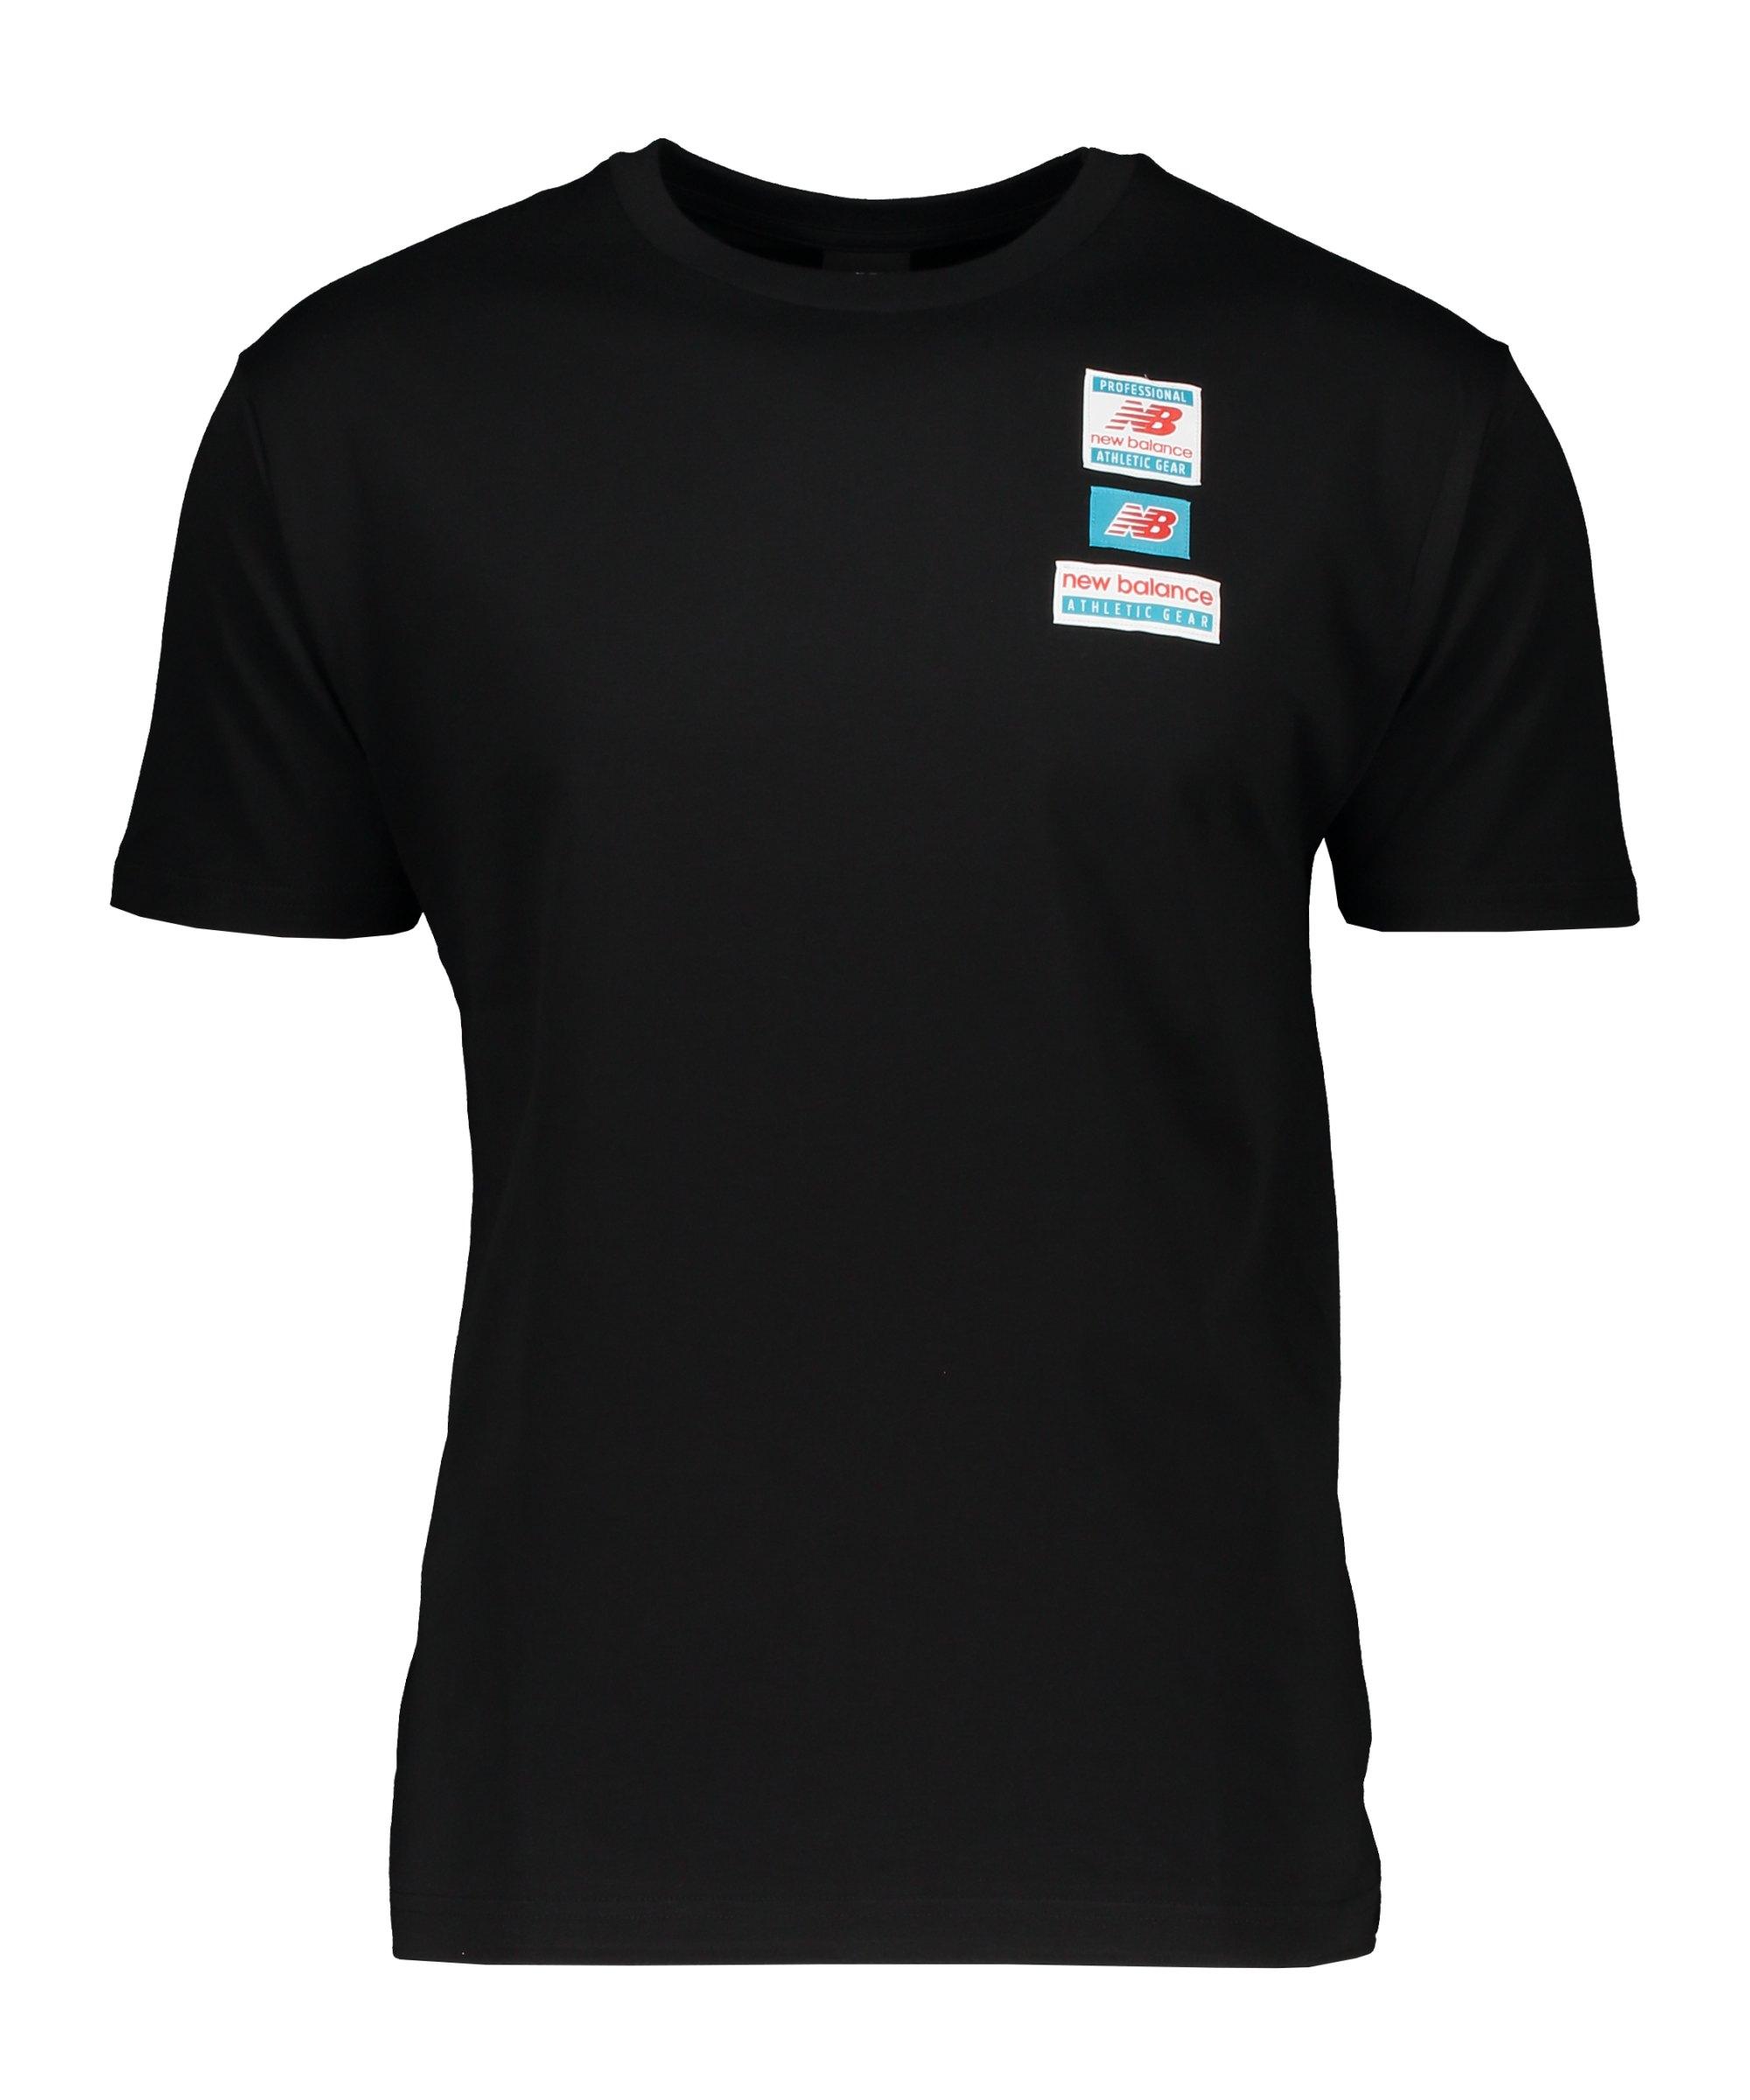 New Balance Essentials Tag T-Shirt Schwarz FBK - schwarz